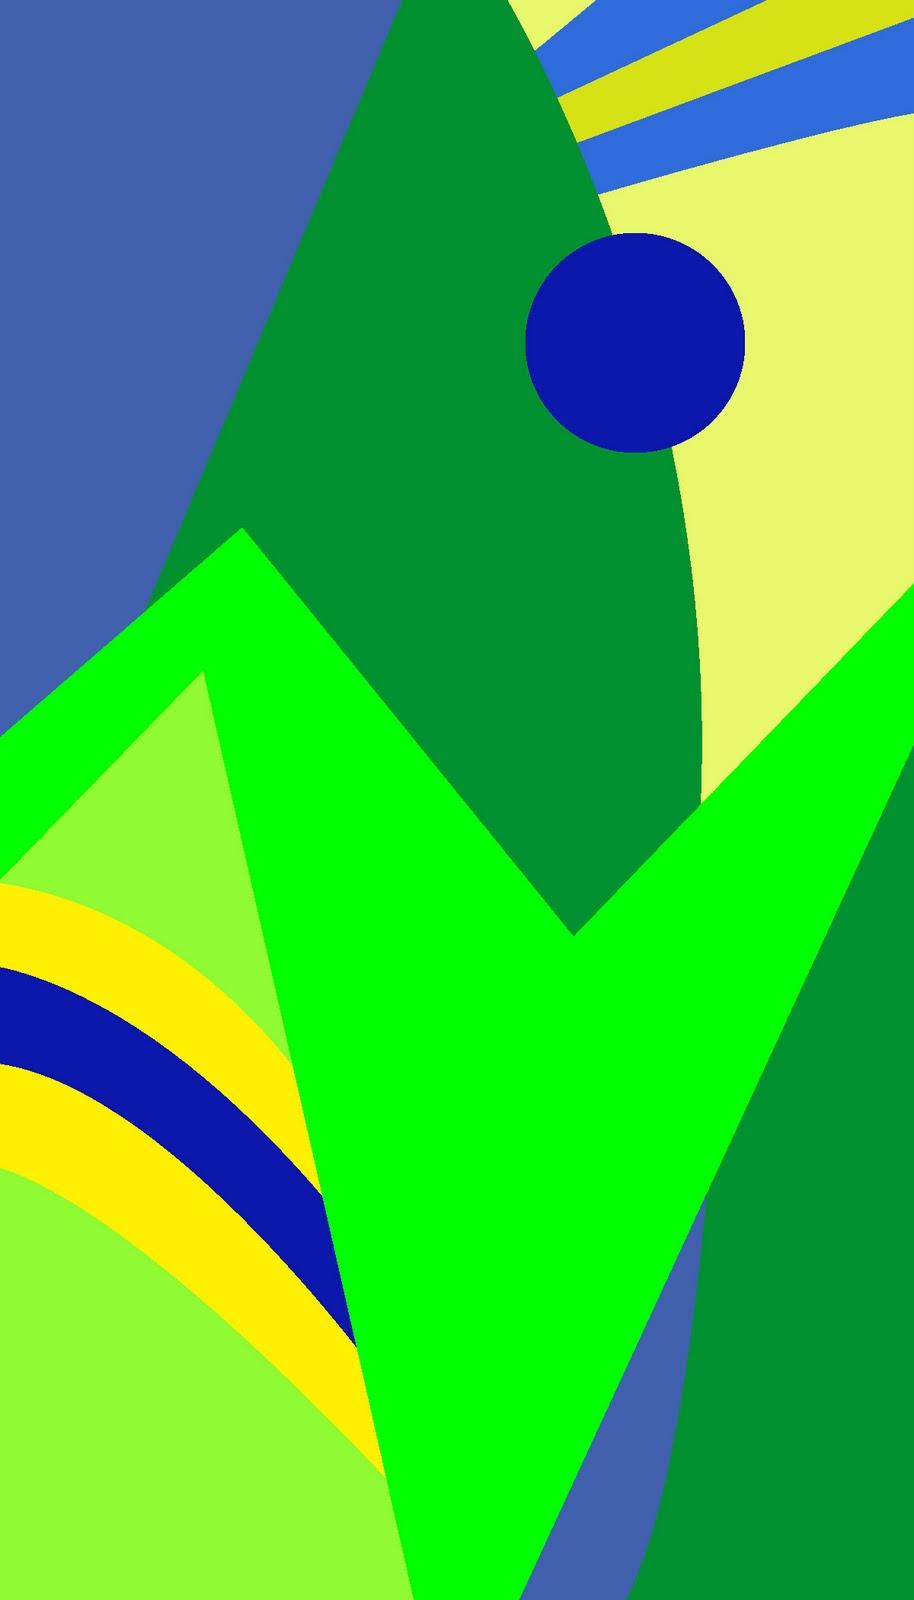 Graphics Design: Color Schemes - Design 1